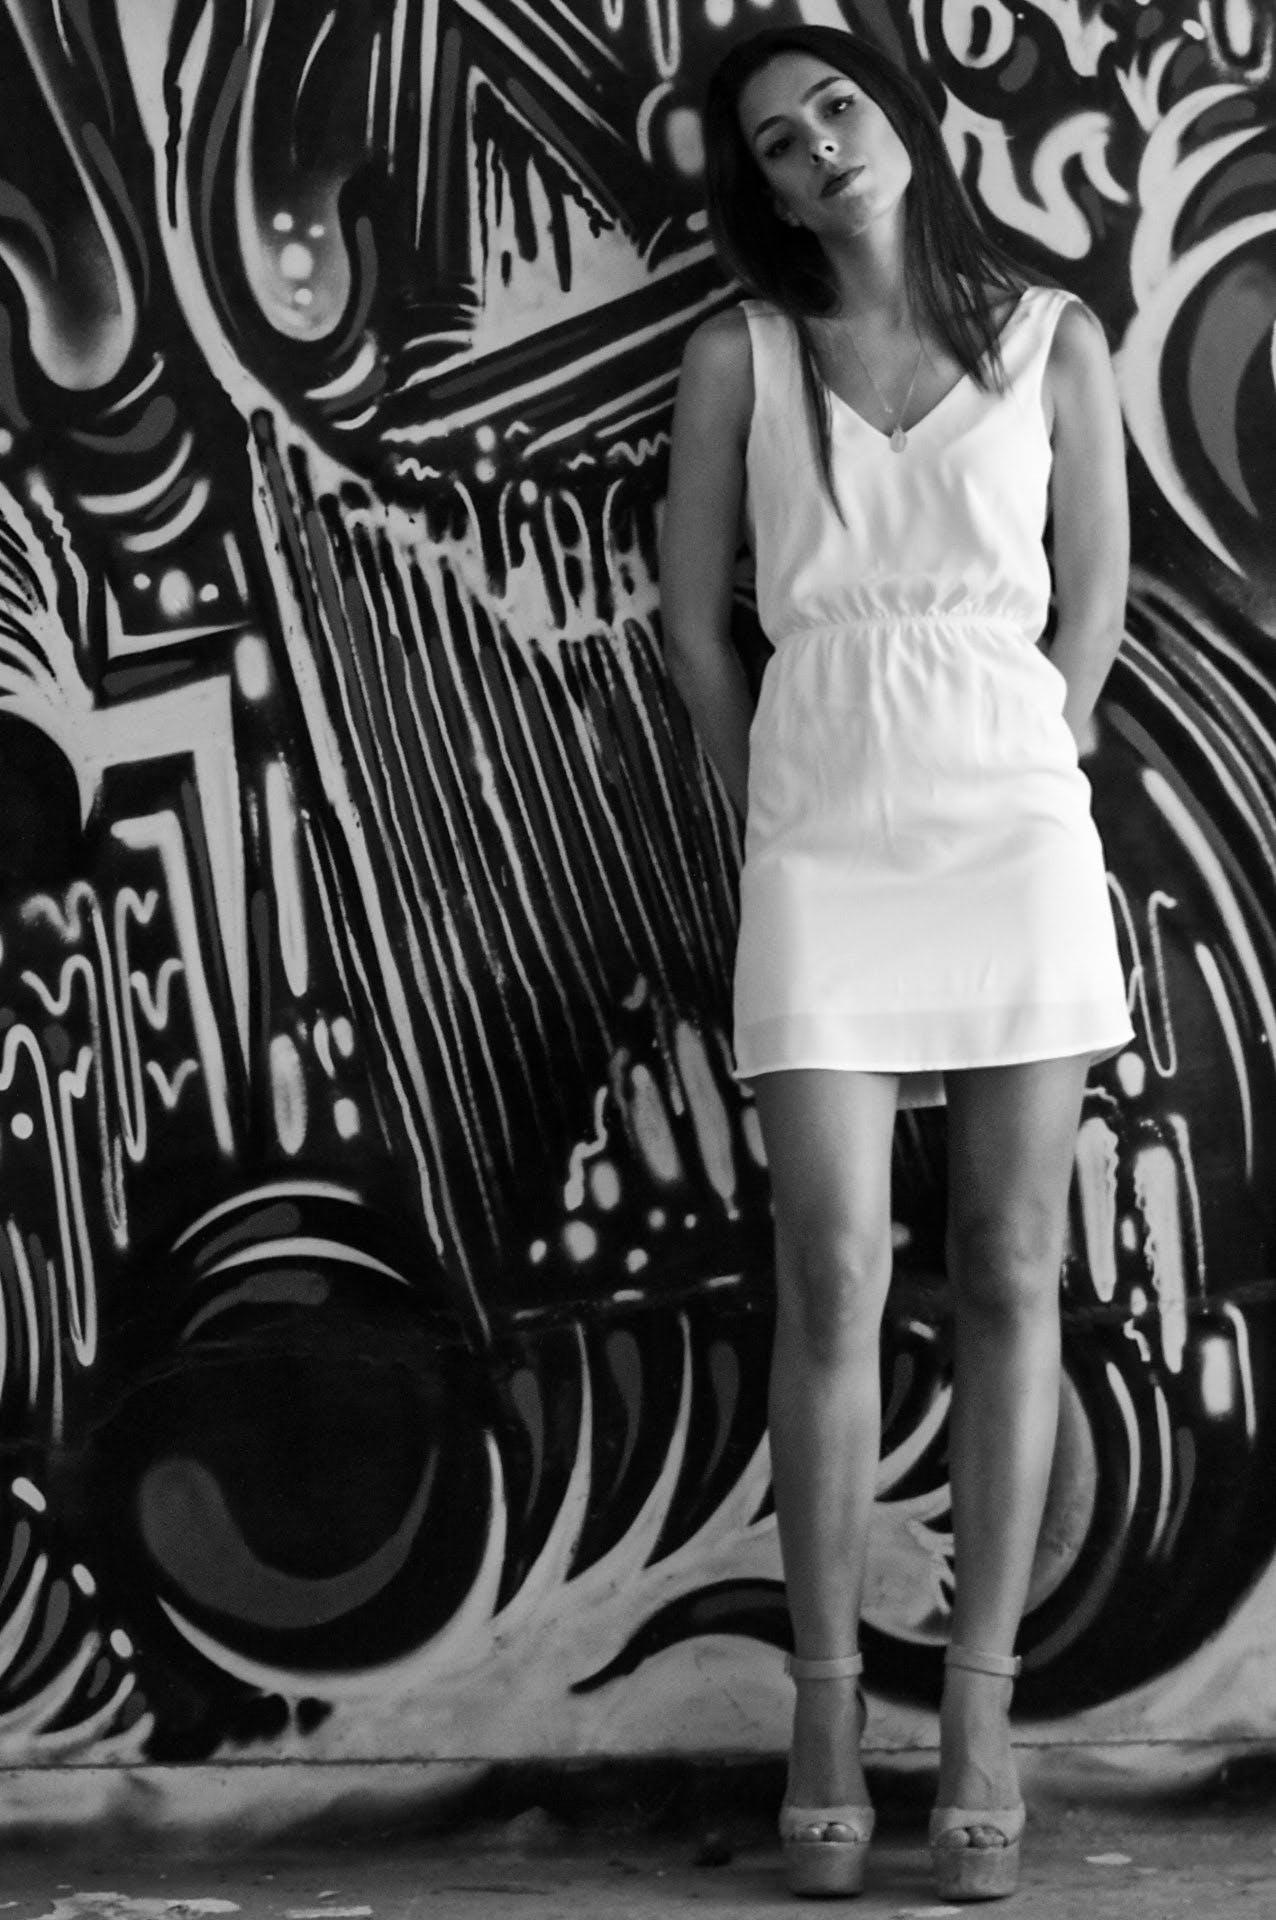 Fotos de stock gratuitas de abandonado, blanco y negro, bonito, ligero